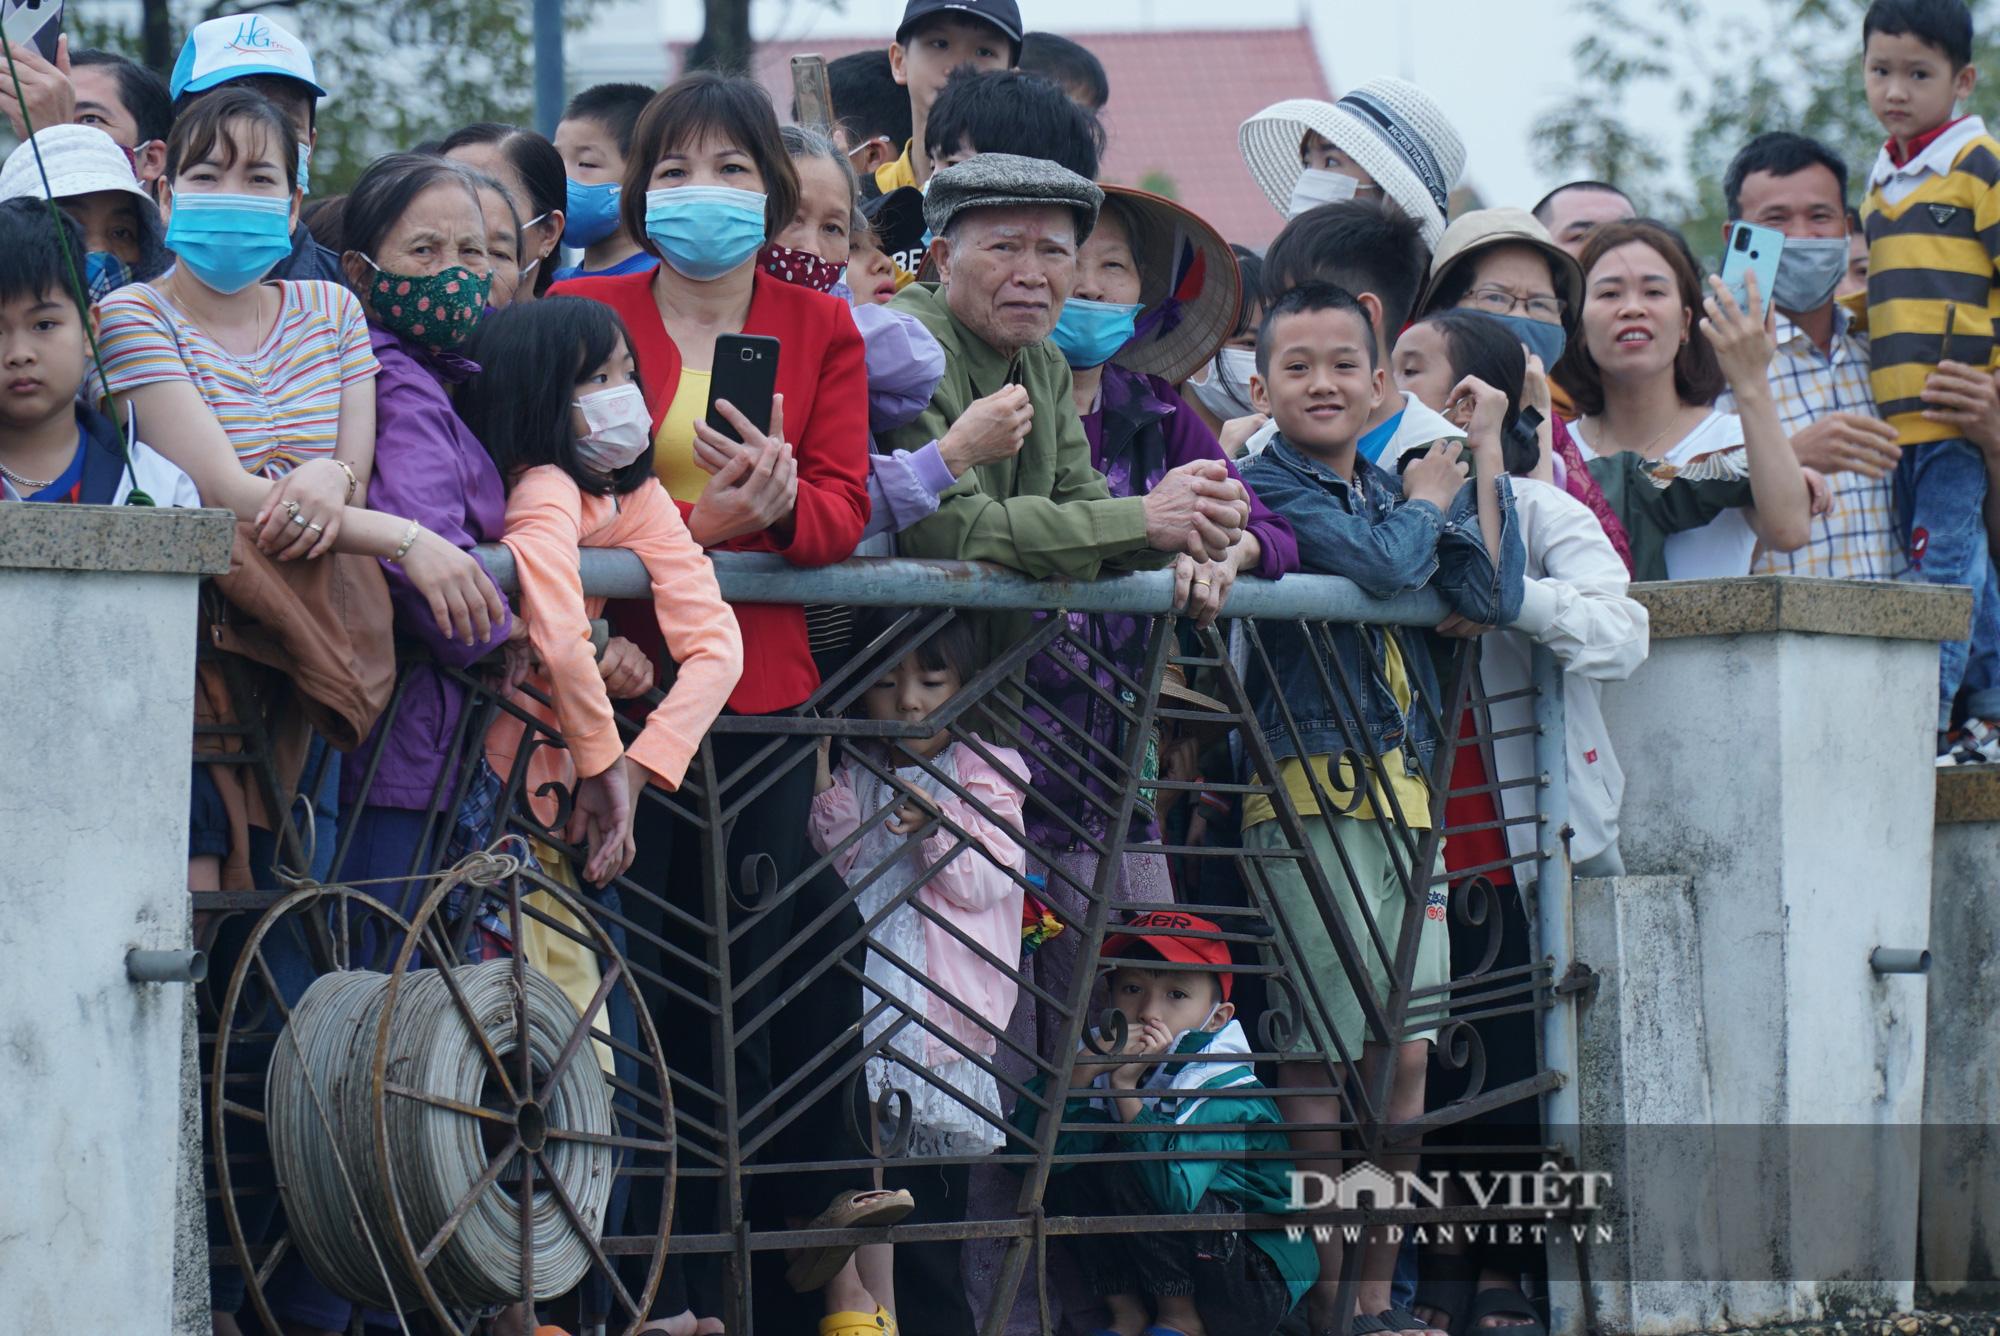 Phú Thọ: Kịch tính giải đua bơi chải chào mừng ngày giỗ Tổ Hùng Vương - Ảnh 3.